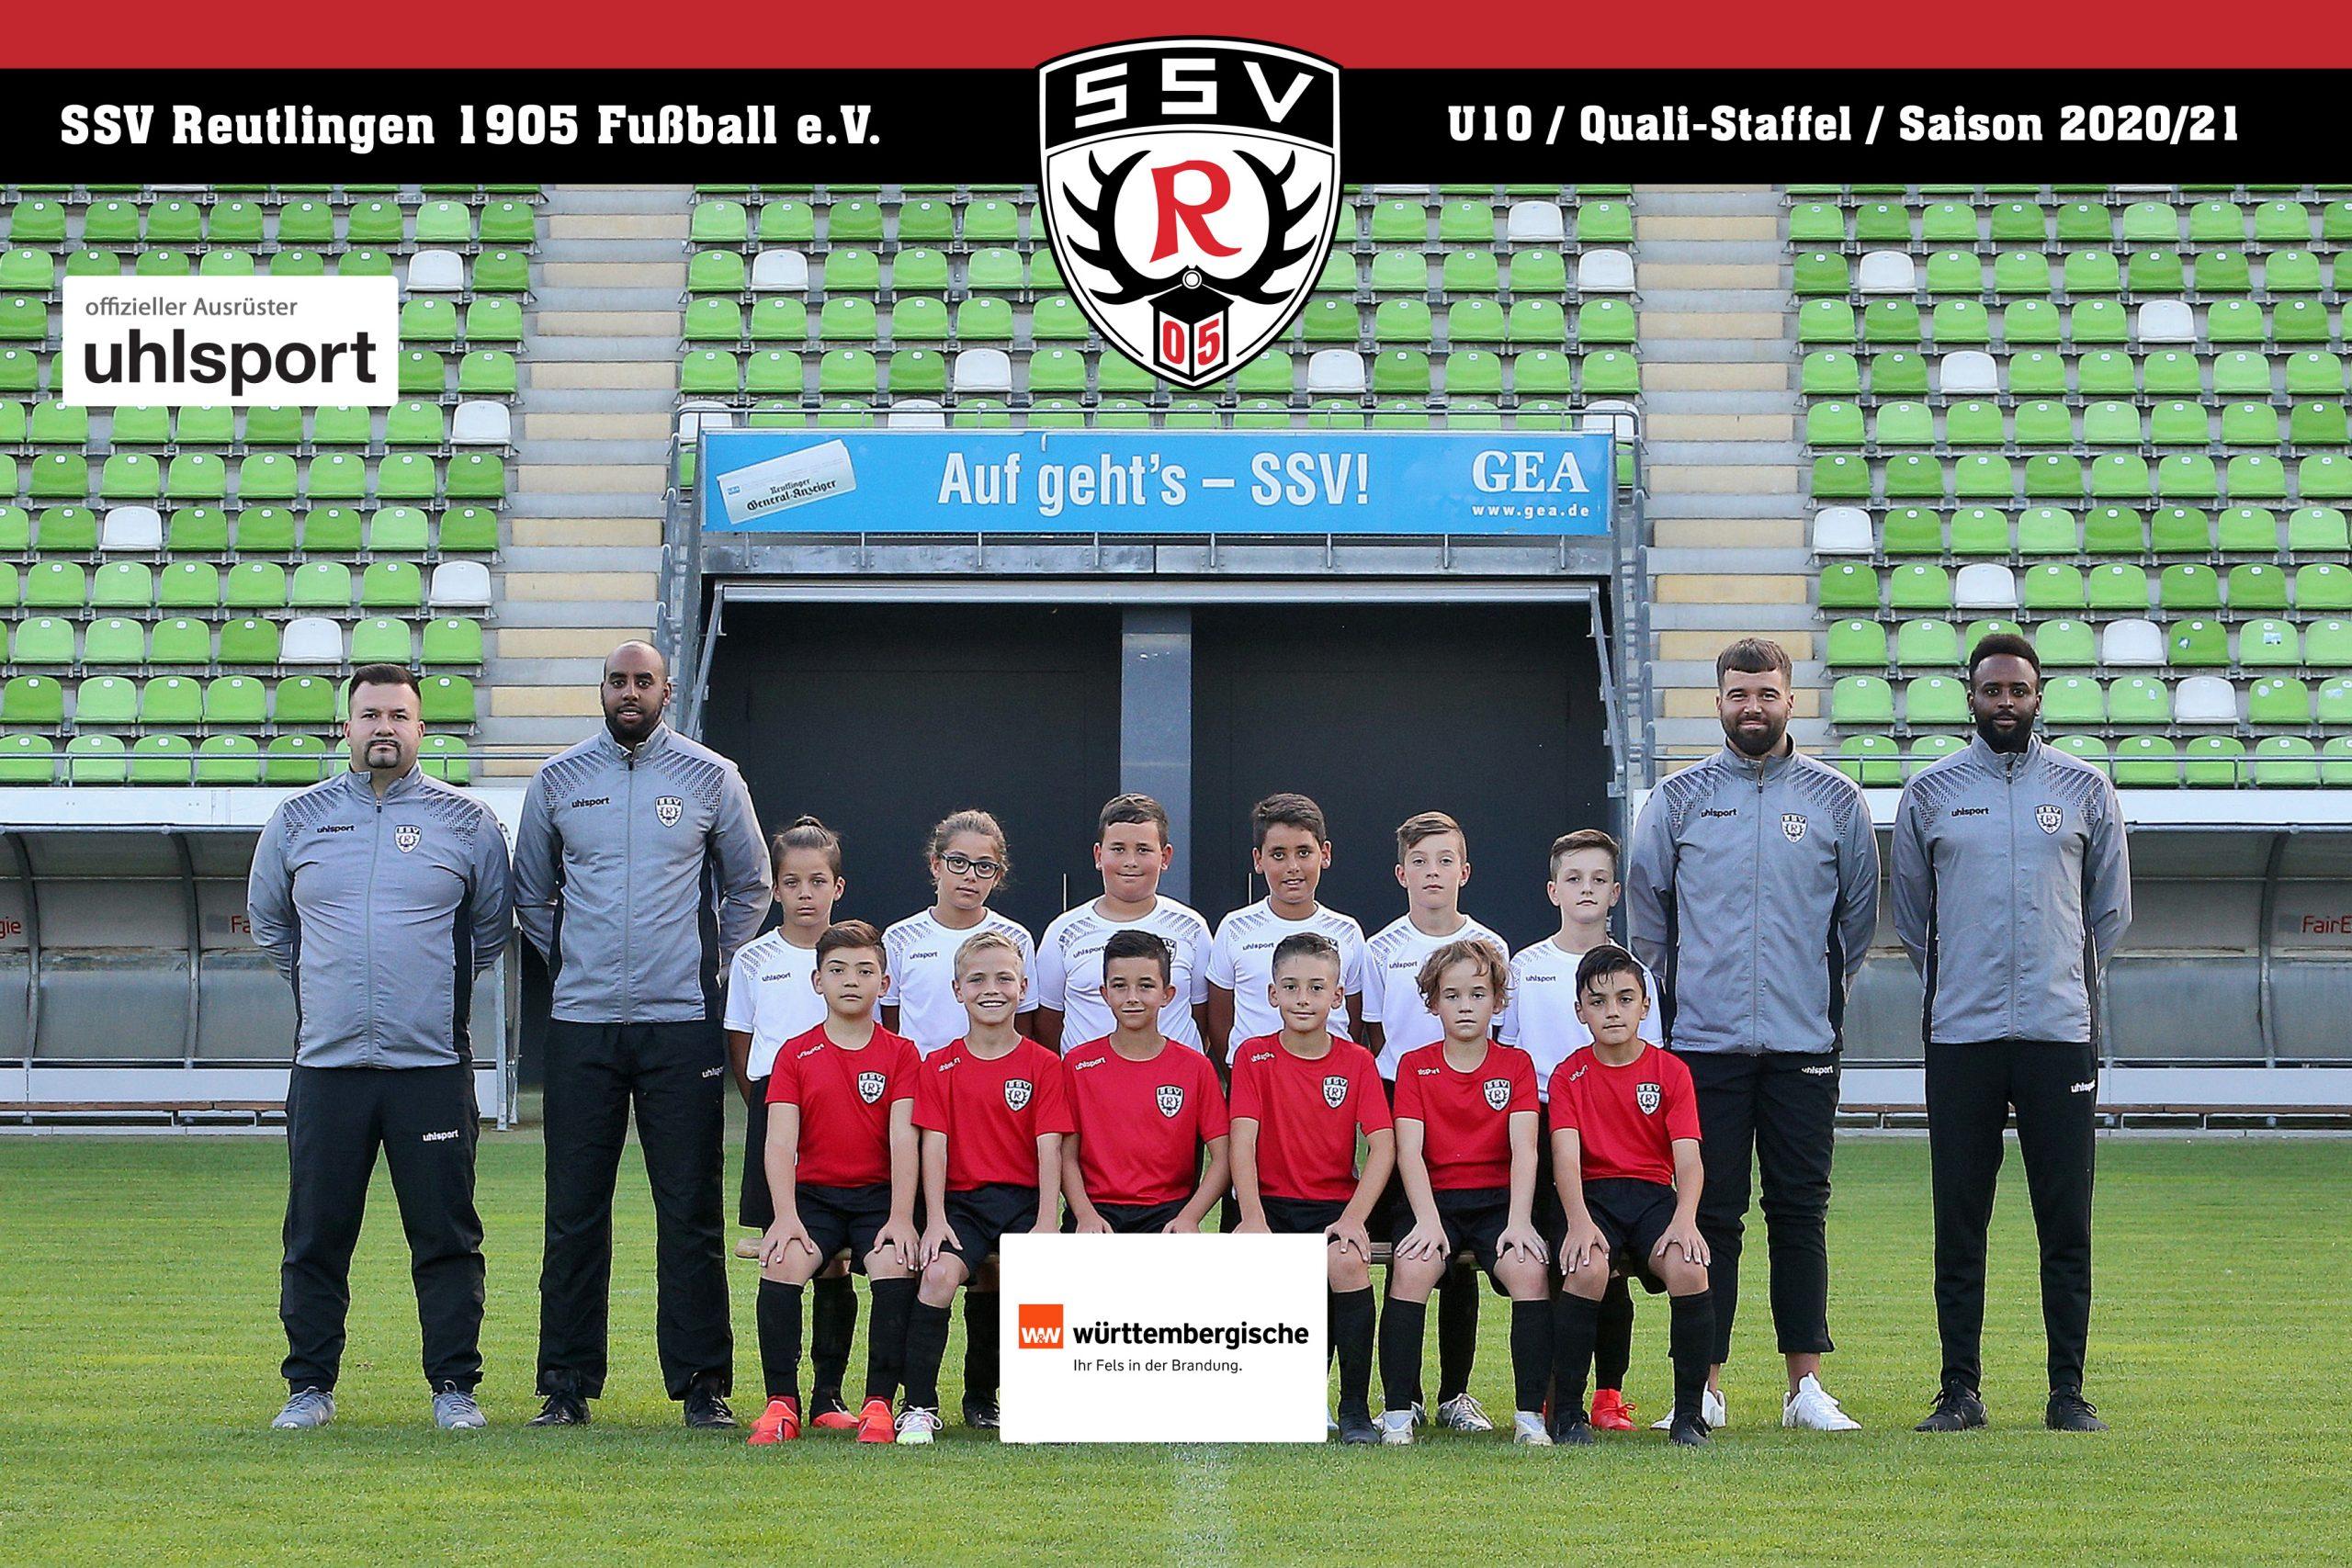 Fussball | SSV Reutlingen / Mannschaft U10 - Saison 2020/21